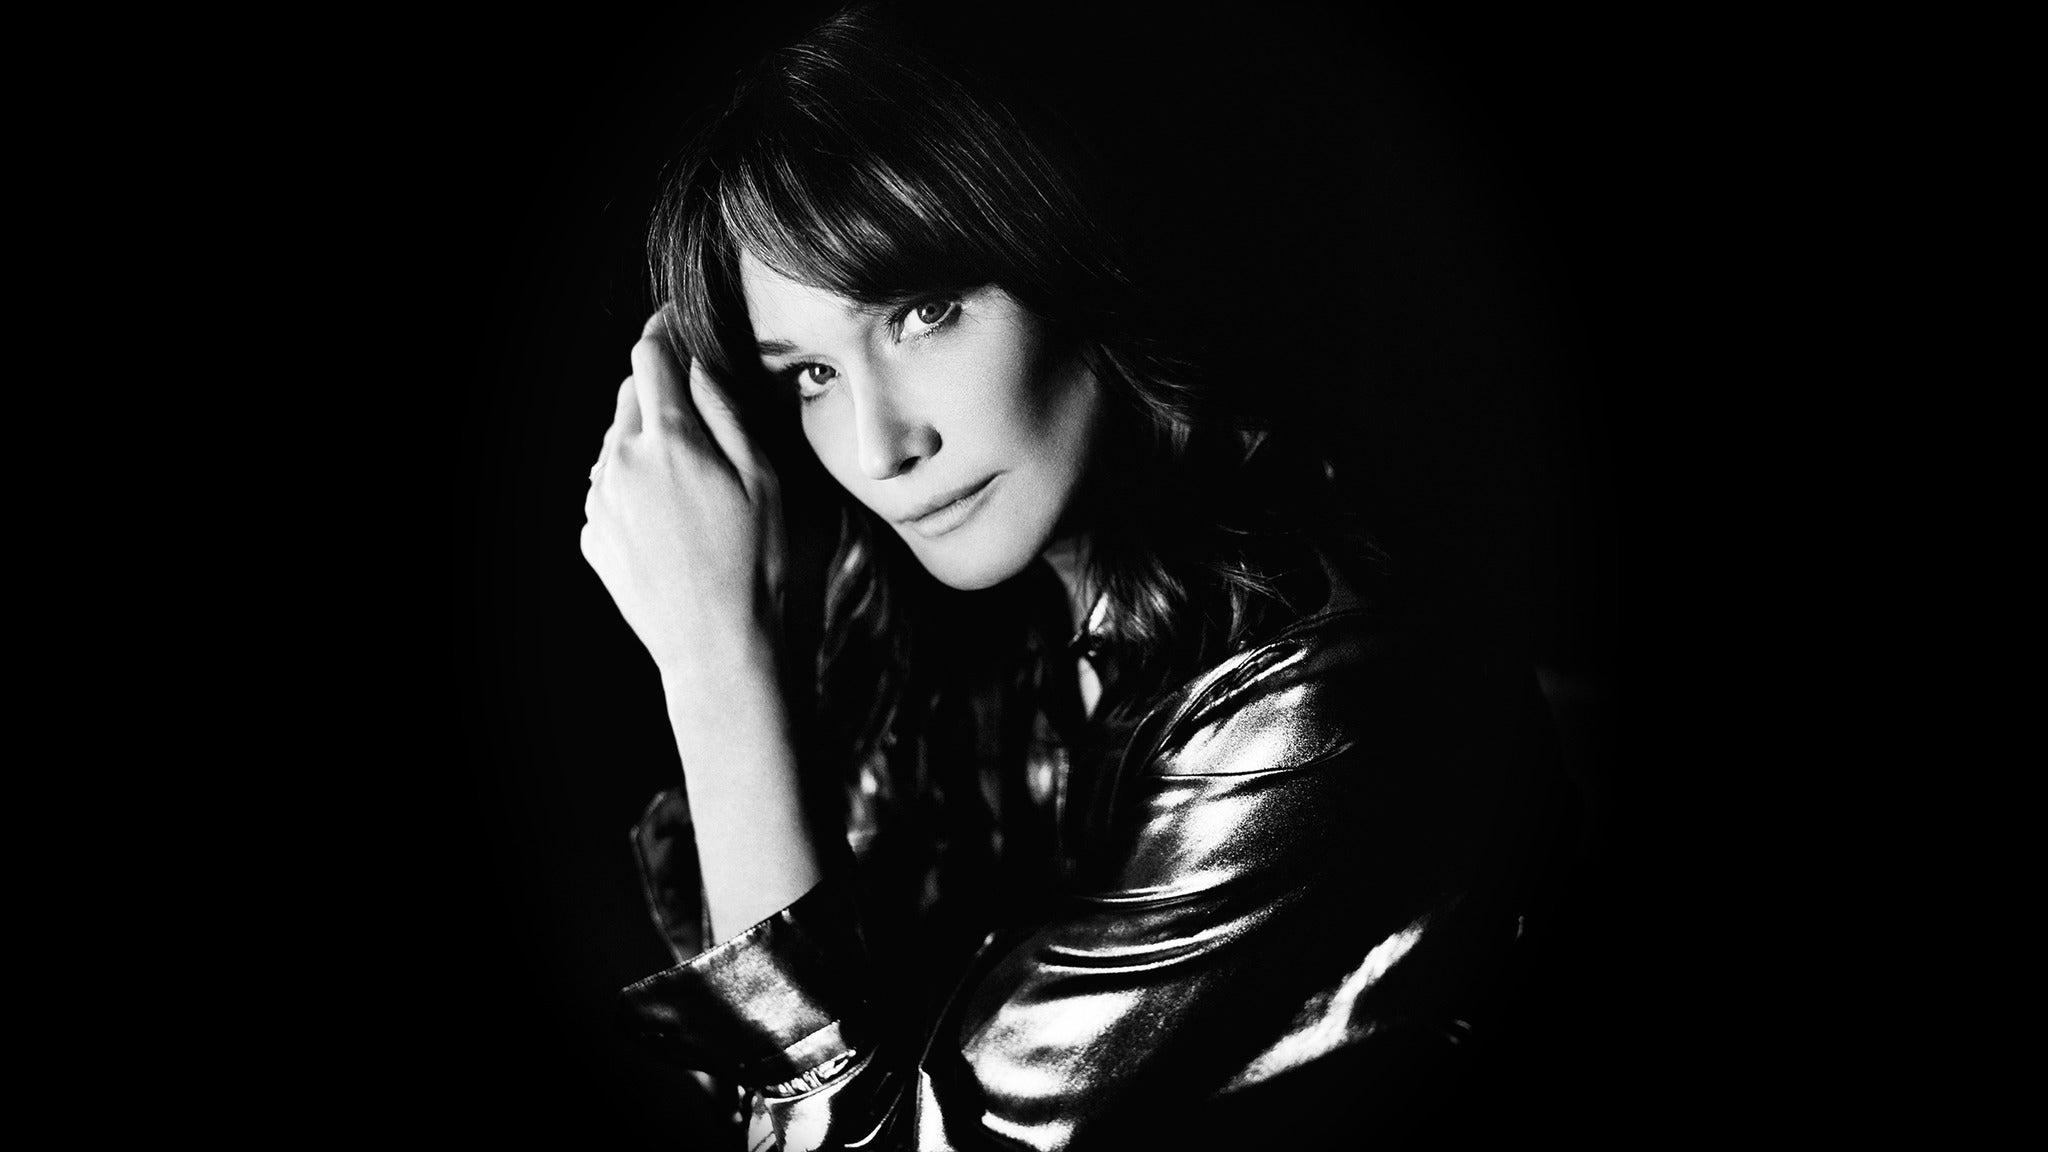 Carla Bruni at Orpheum Theatre - Los Angeles, CA 90014